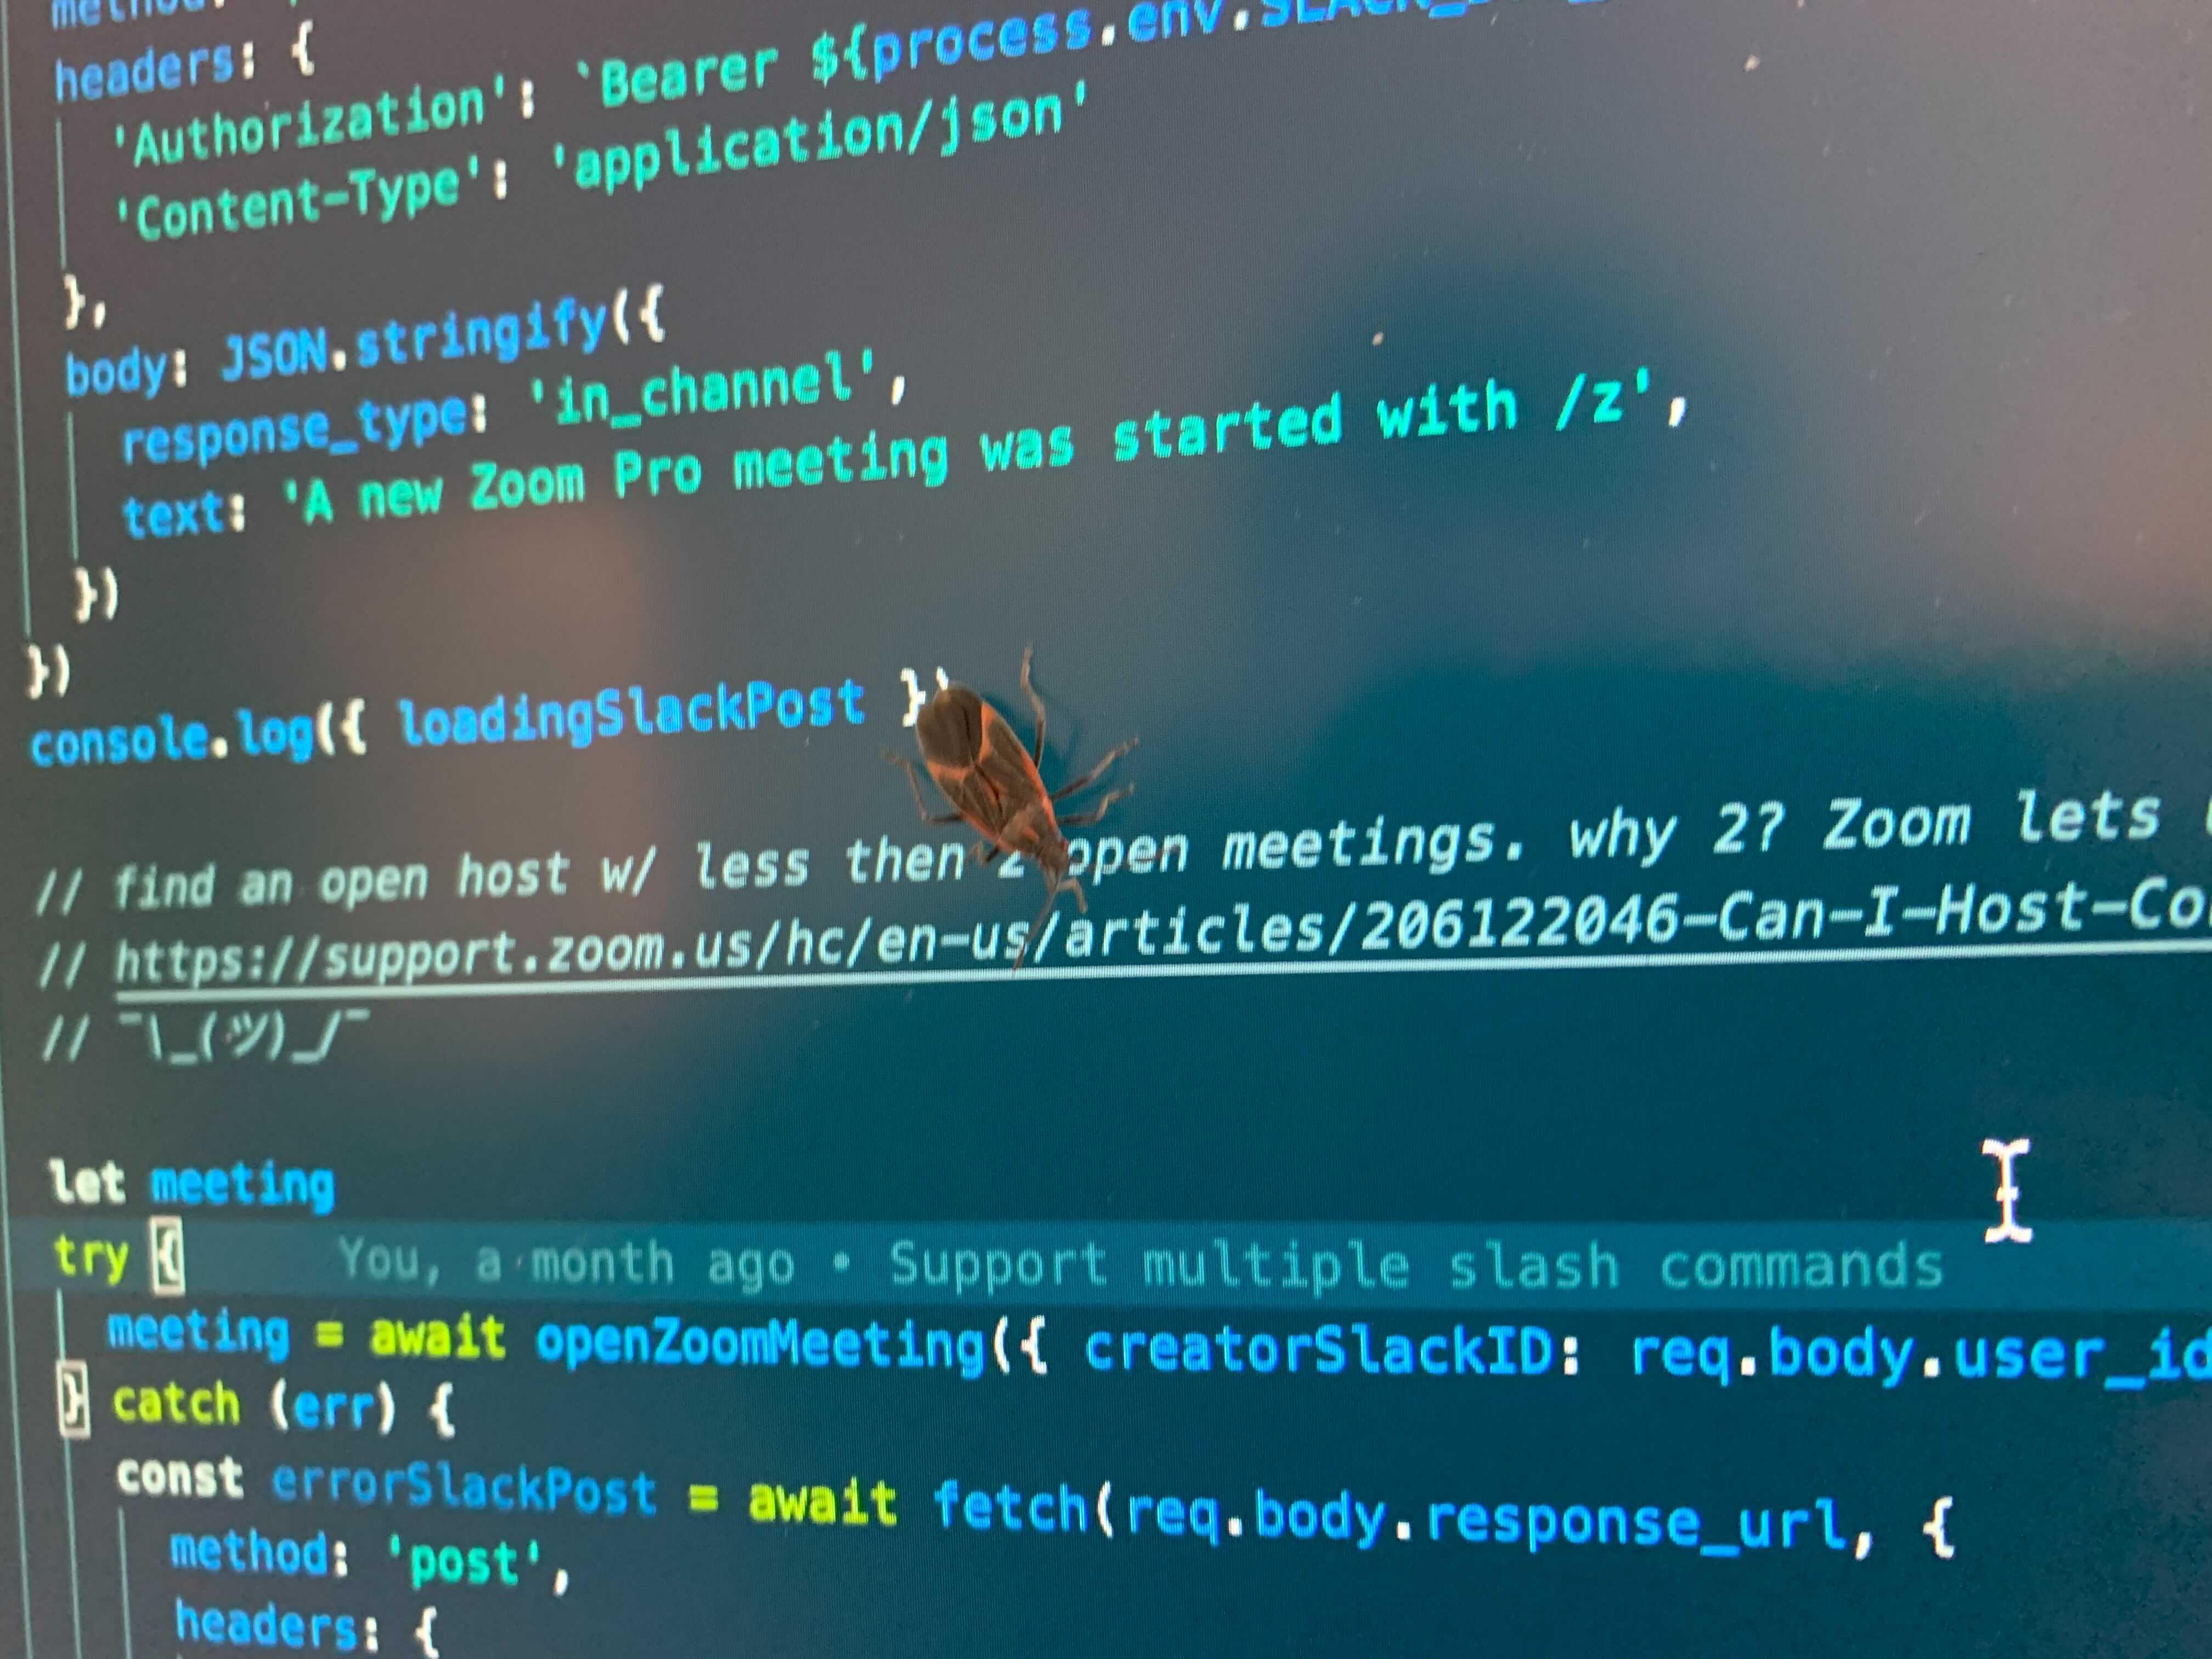 https://cloud-ehoos26m8-hack-club-bot.vercel.app/0image_from_ios.jpg